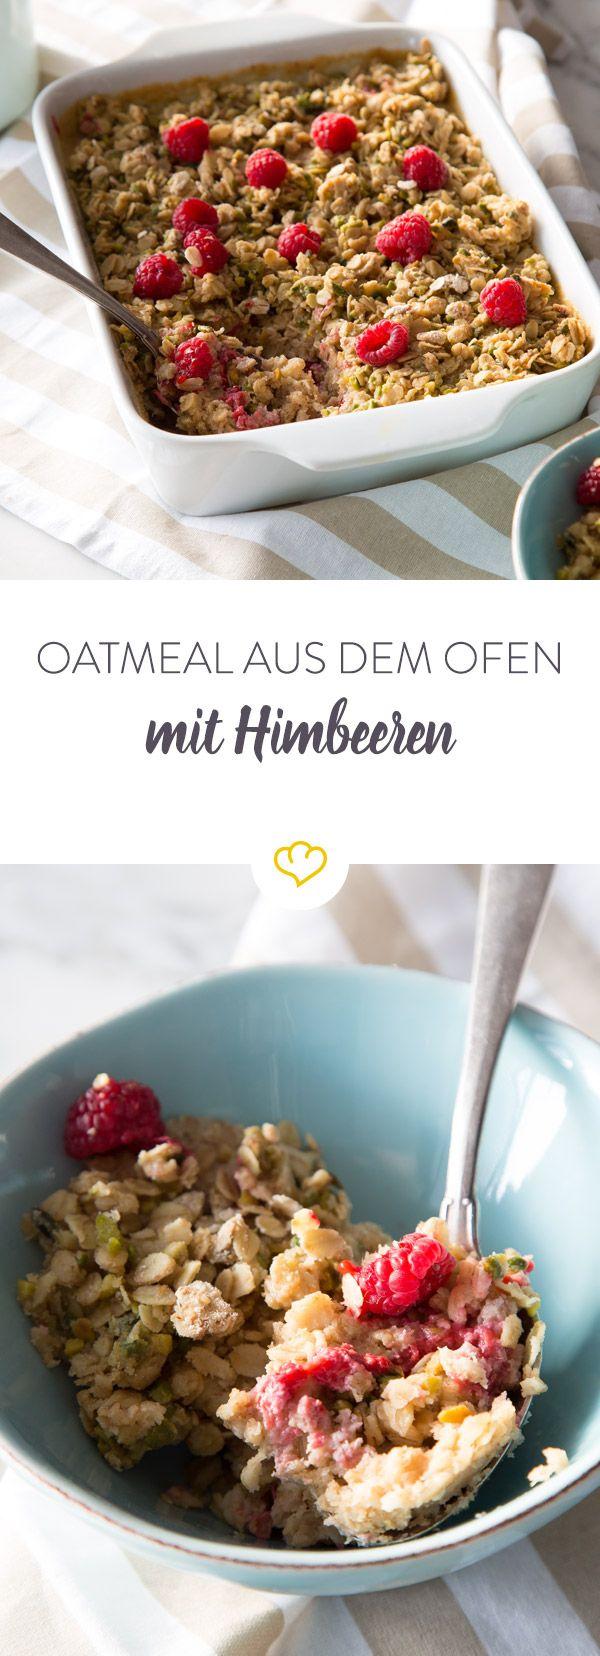 Aus dem Ofen: Haferflocken mit Himbeeren und Butterkeksen   – Süße Versuchung am Morgen | Frühstück